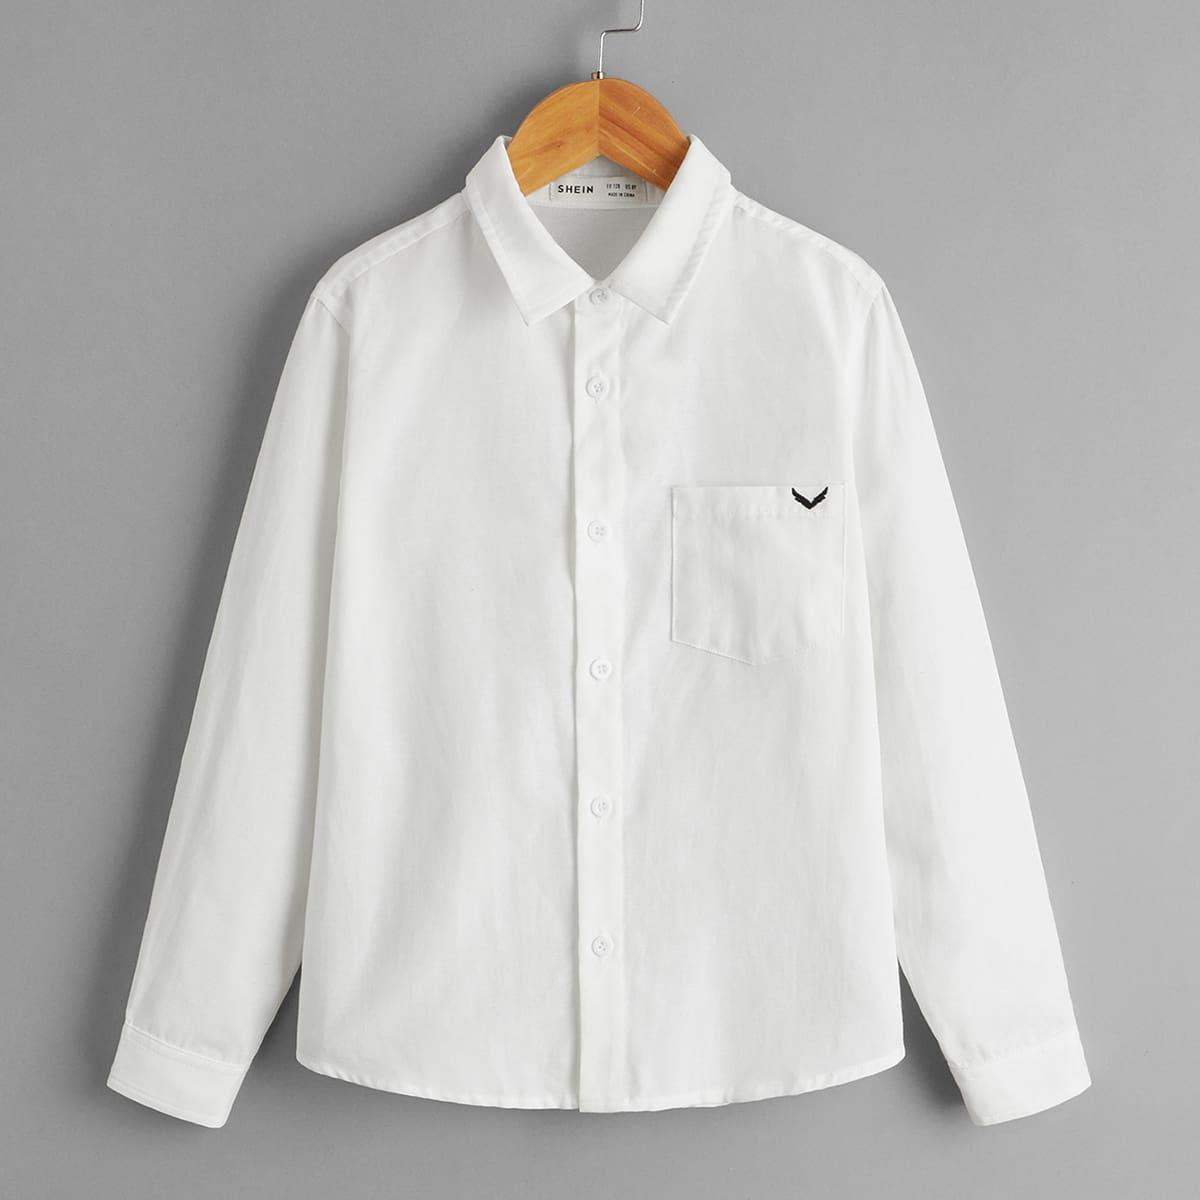 для мальчиков Рубашка с вышивкой крыльев с краманом на пуговицах